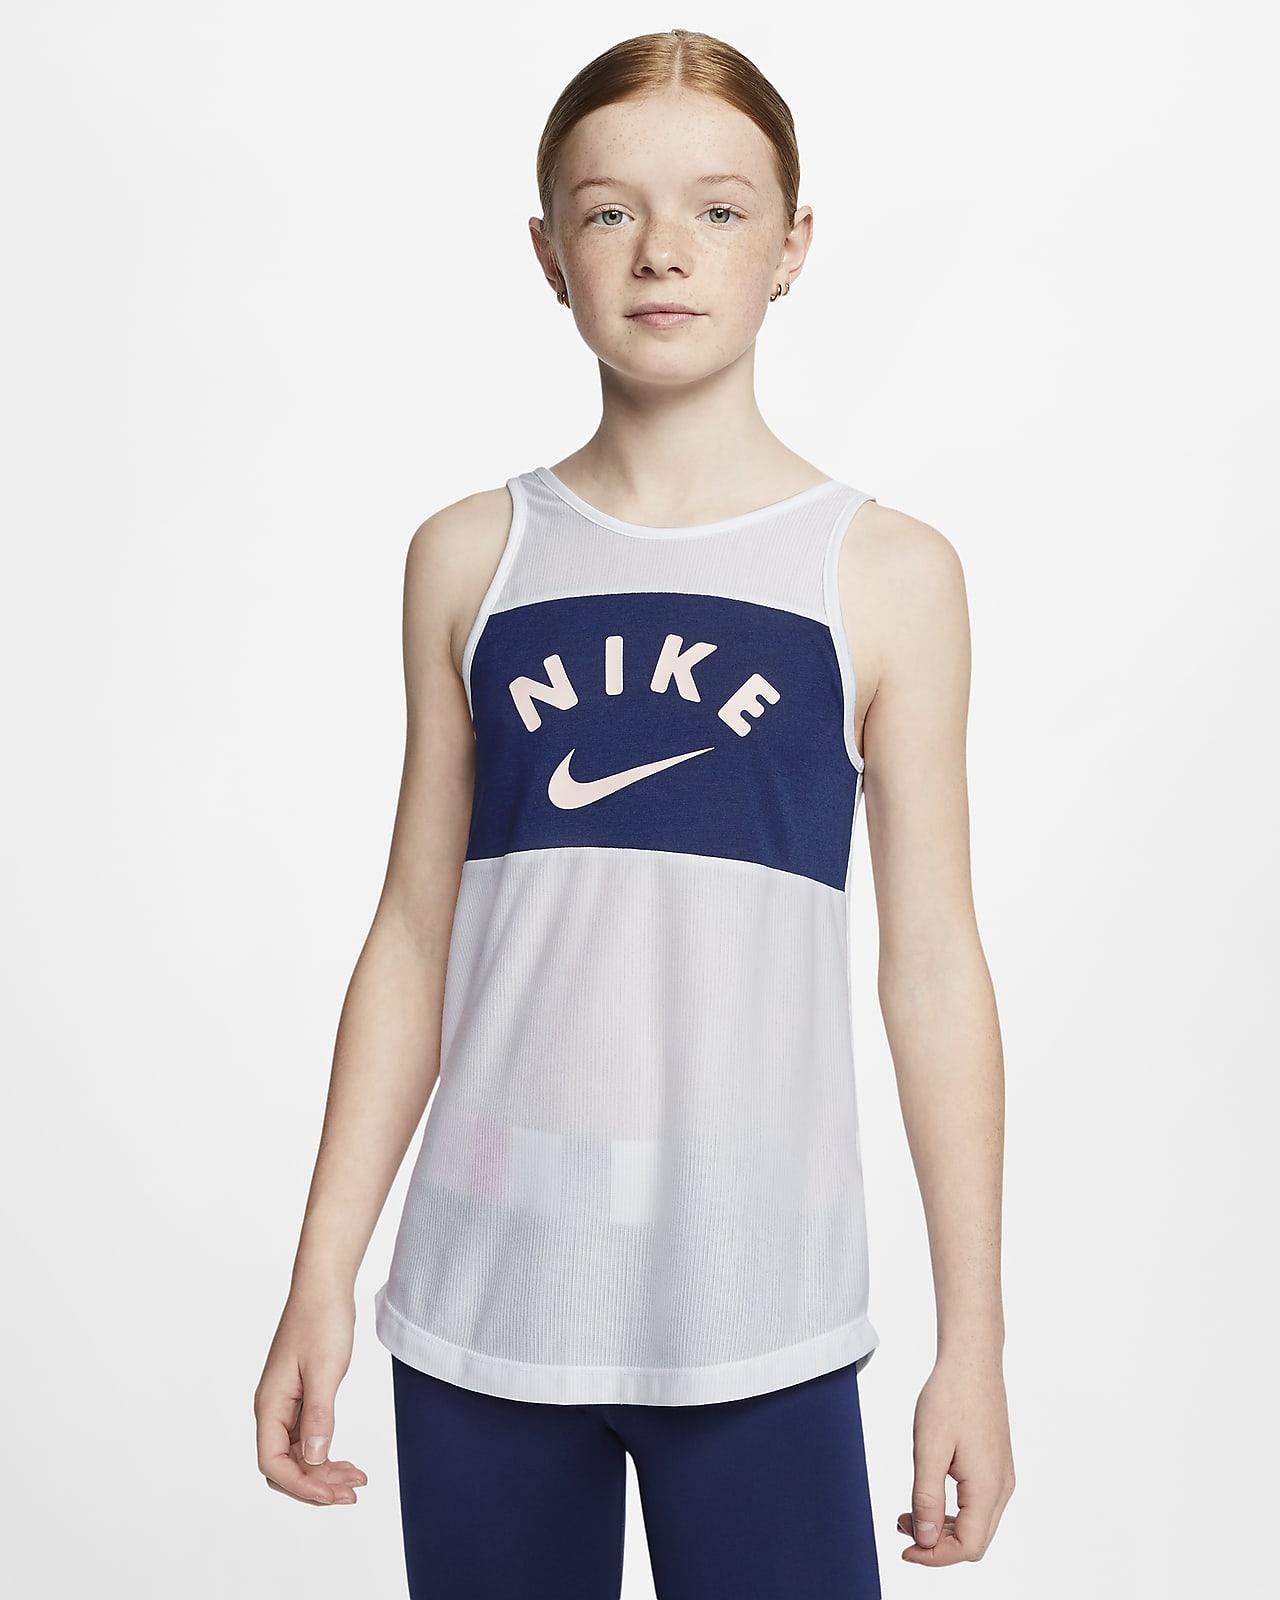 Nike Older Kids' (Girls') Training Tank